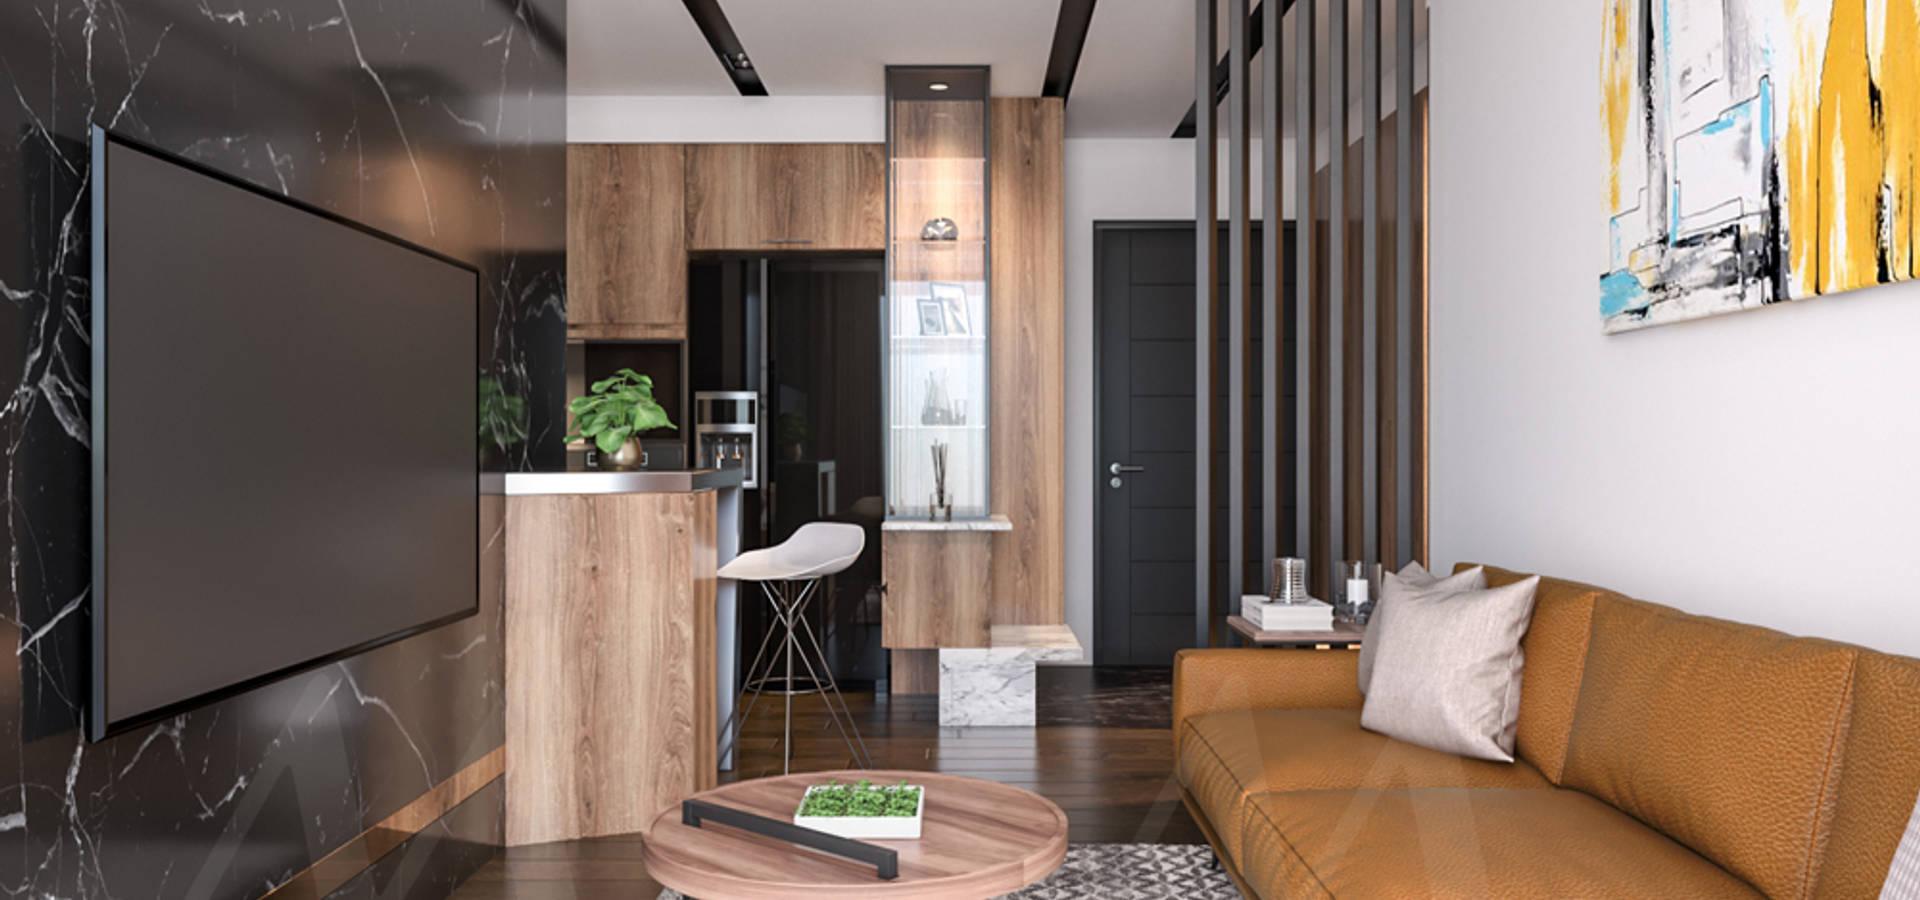 沐寬室內裝修設計有限公司